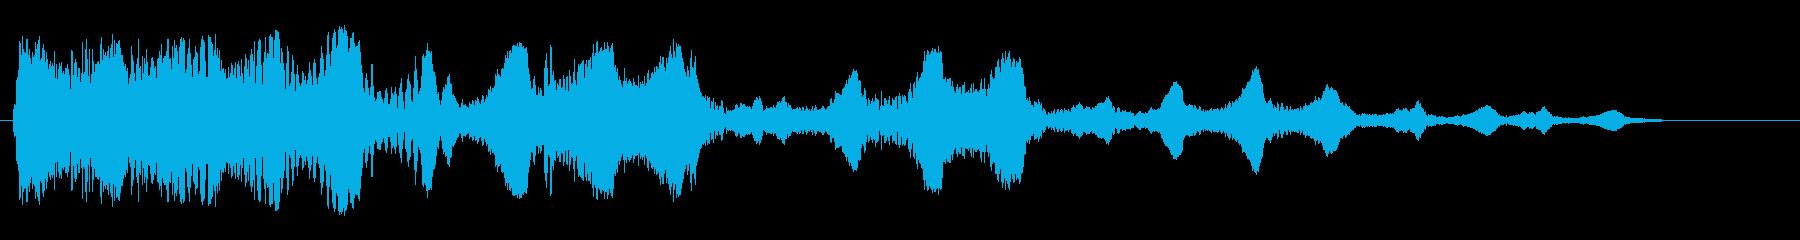 ビヨヨヨヨーン(コミカル)の再生済みの波形